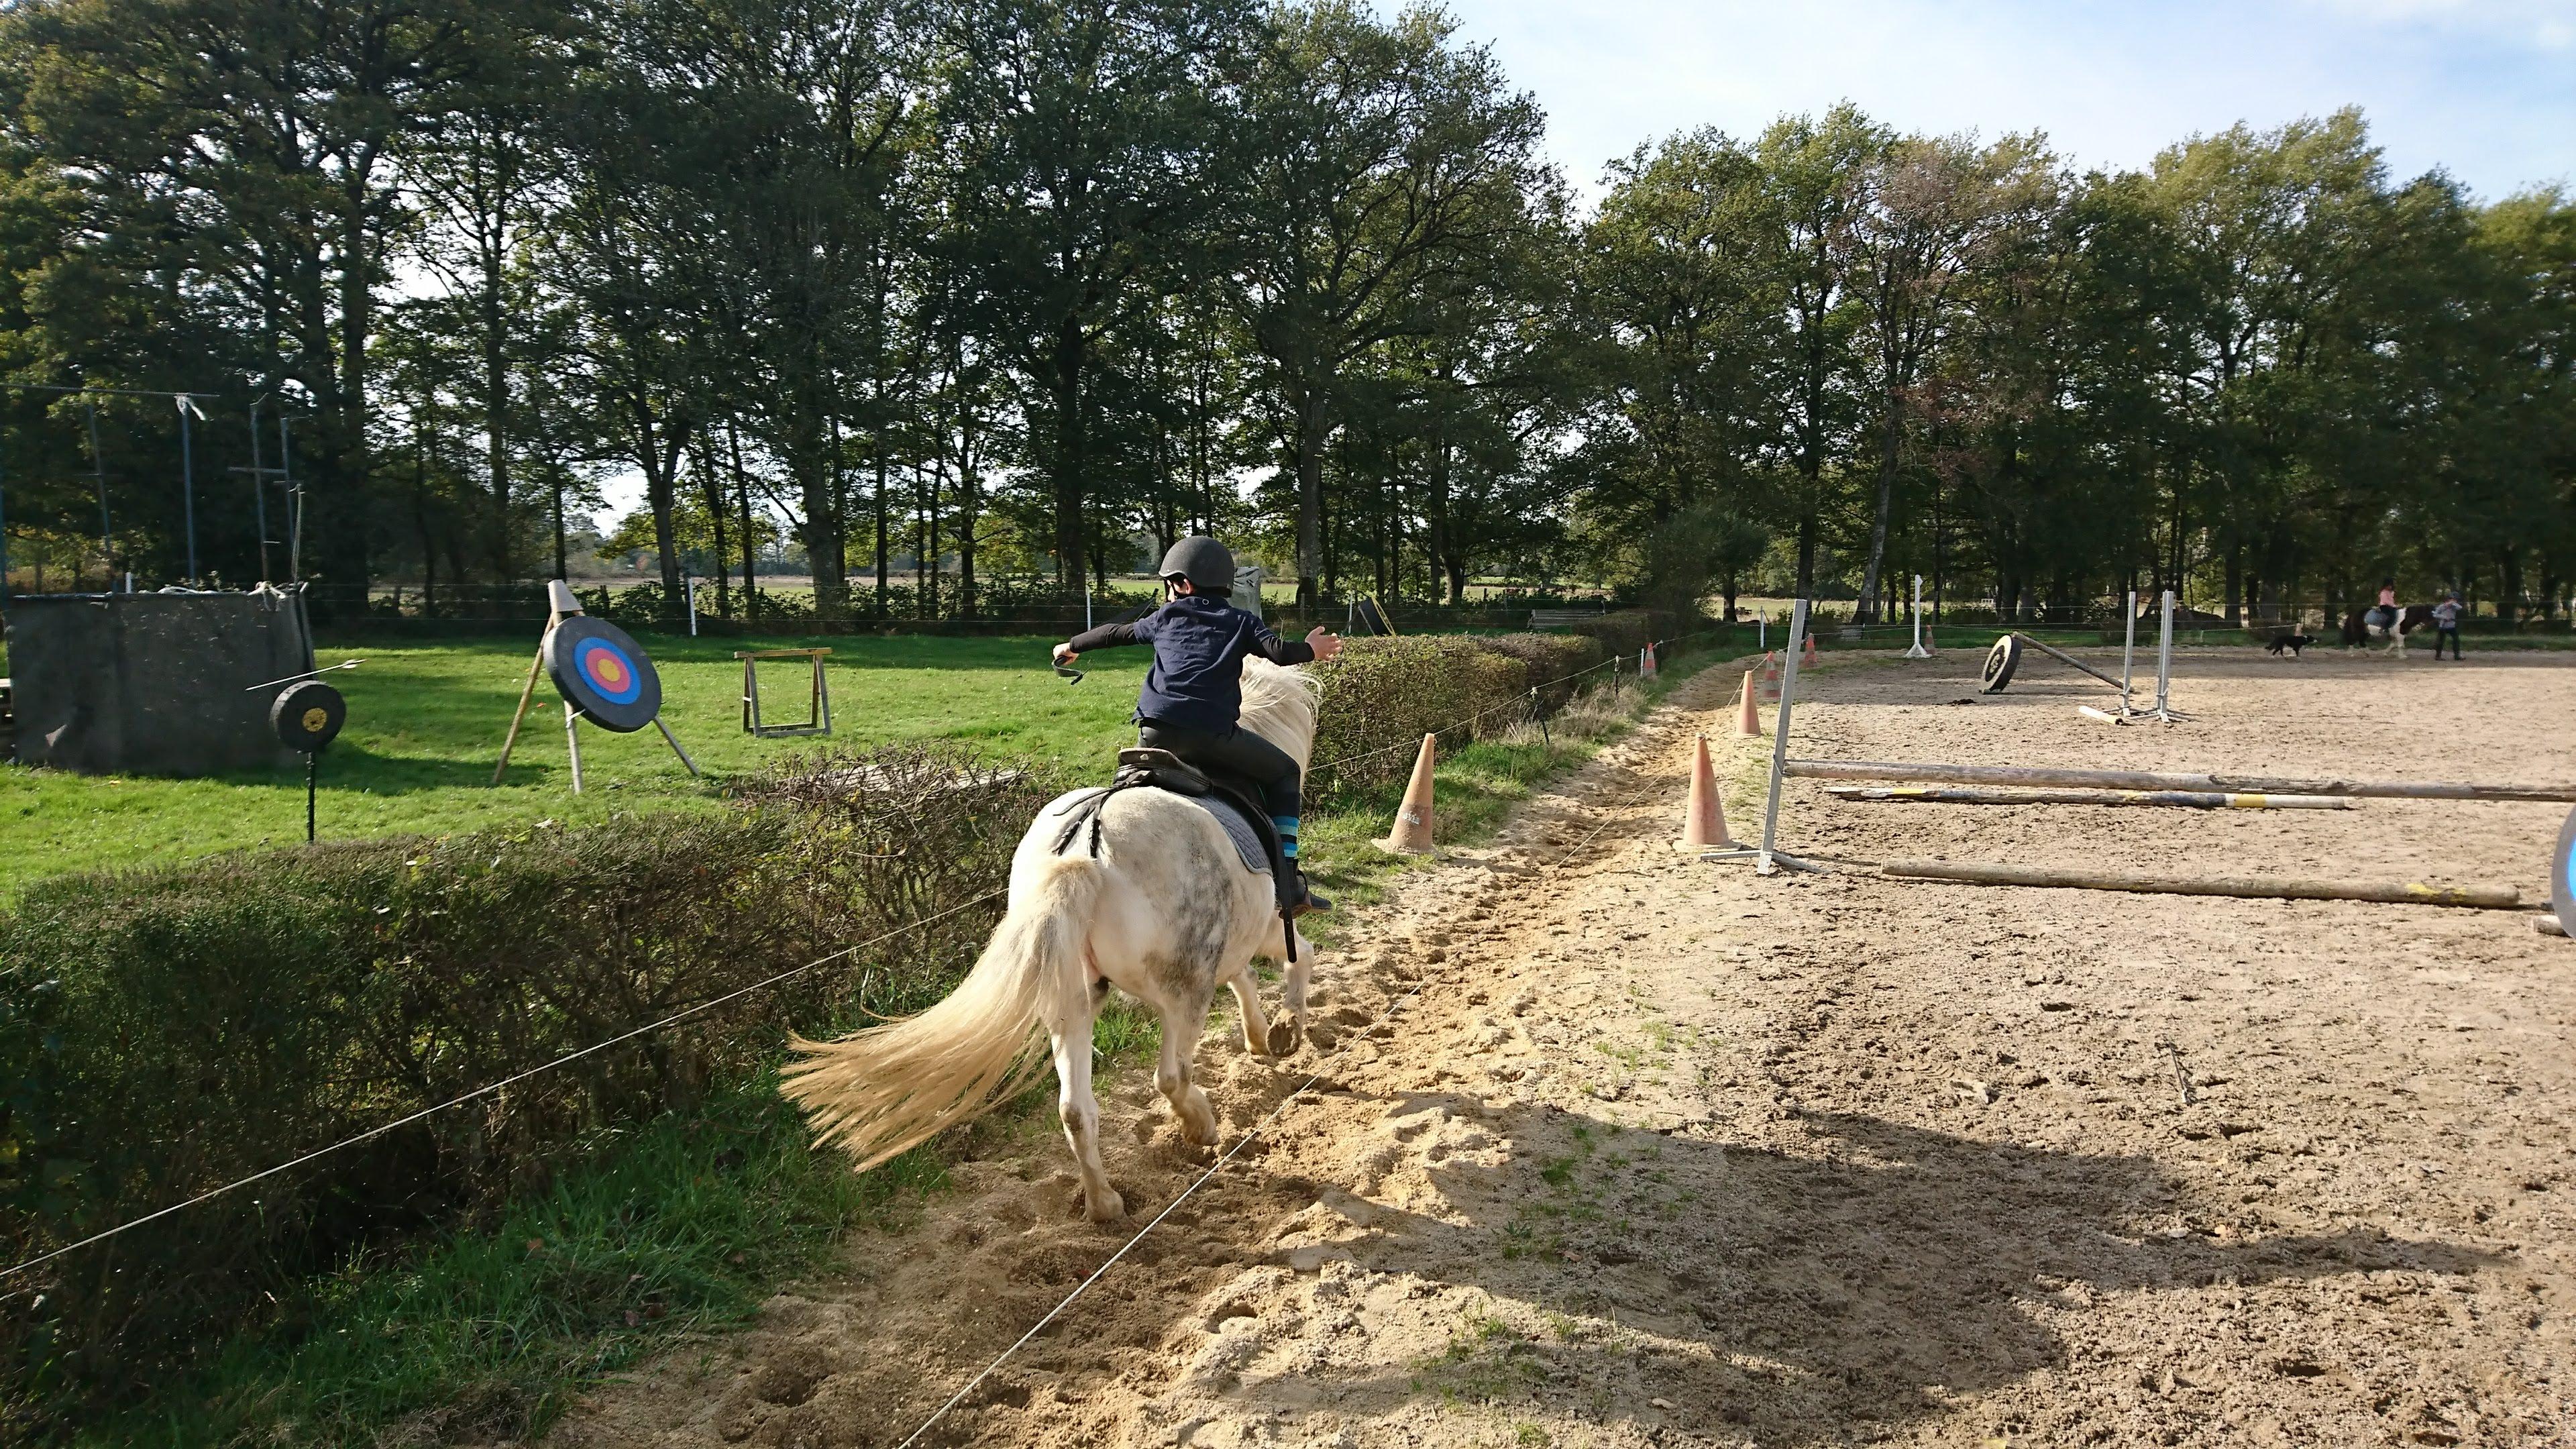 Une école de Tir à l'arc à cheval